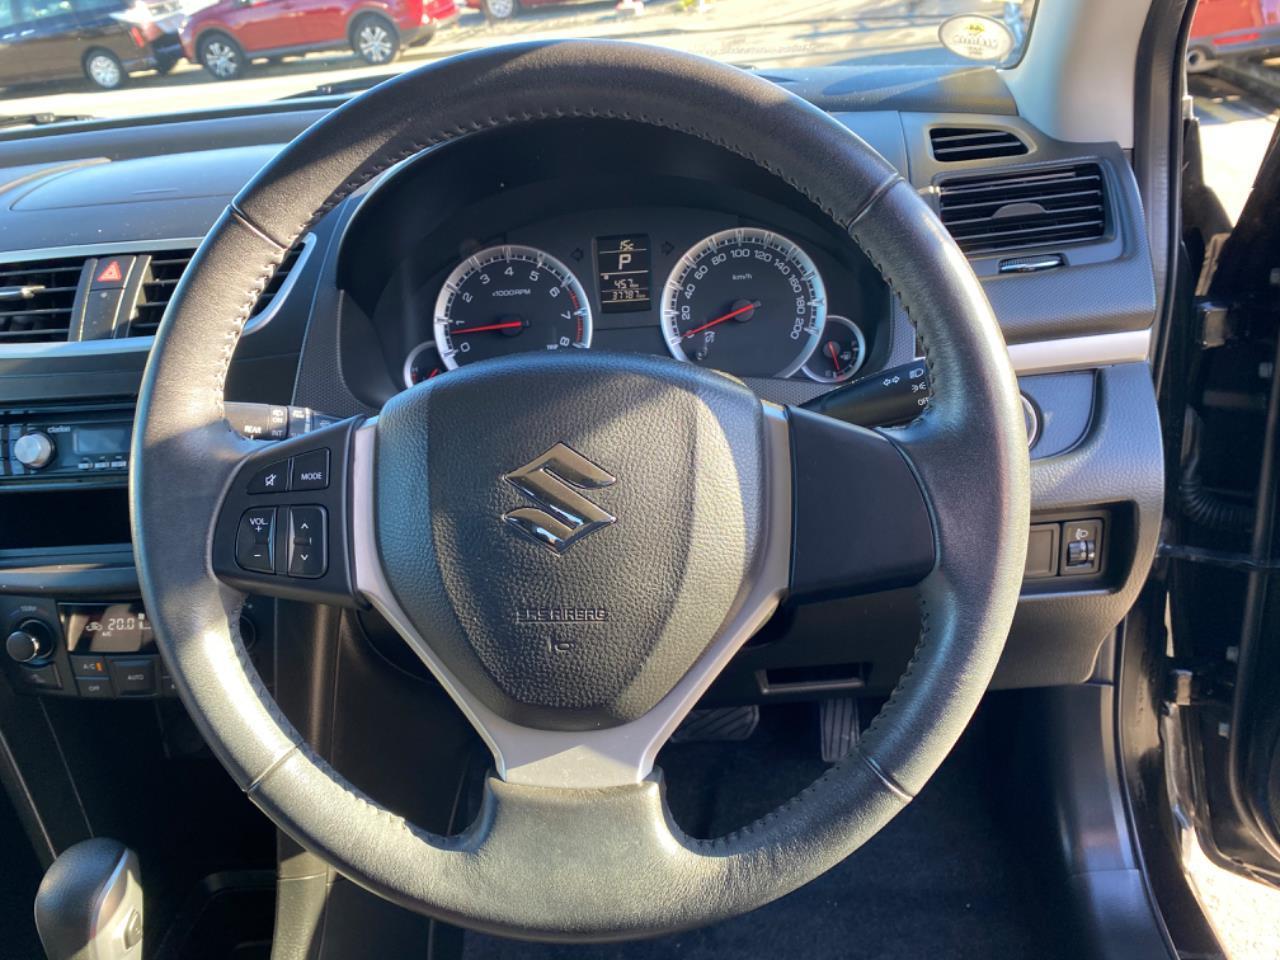 image-10, 2010 Suzuki Swift 1.2lt XL Hatchback at Christchurch